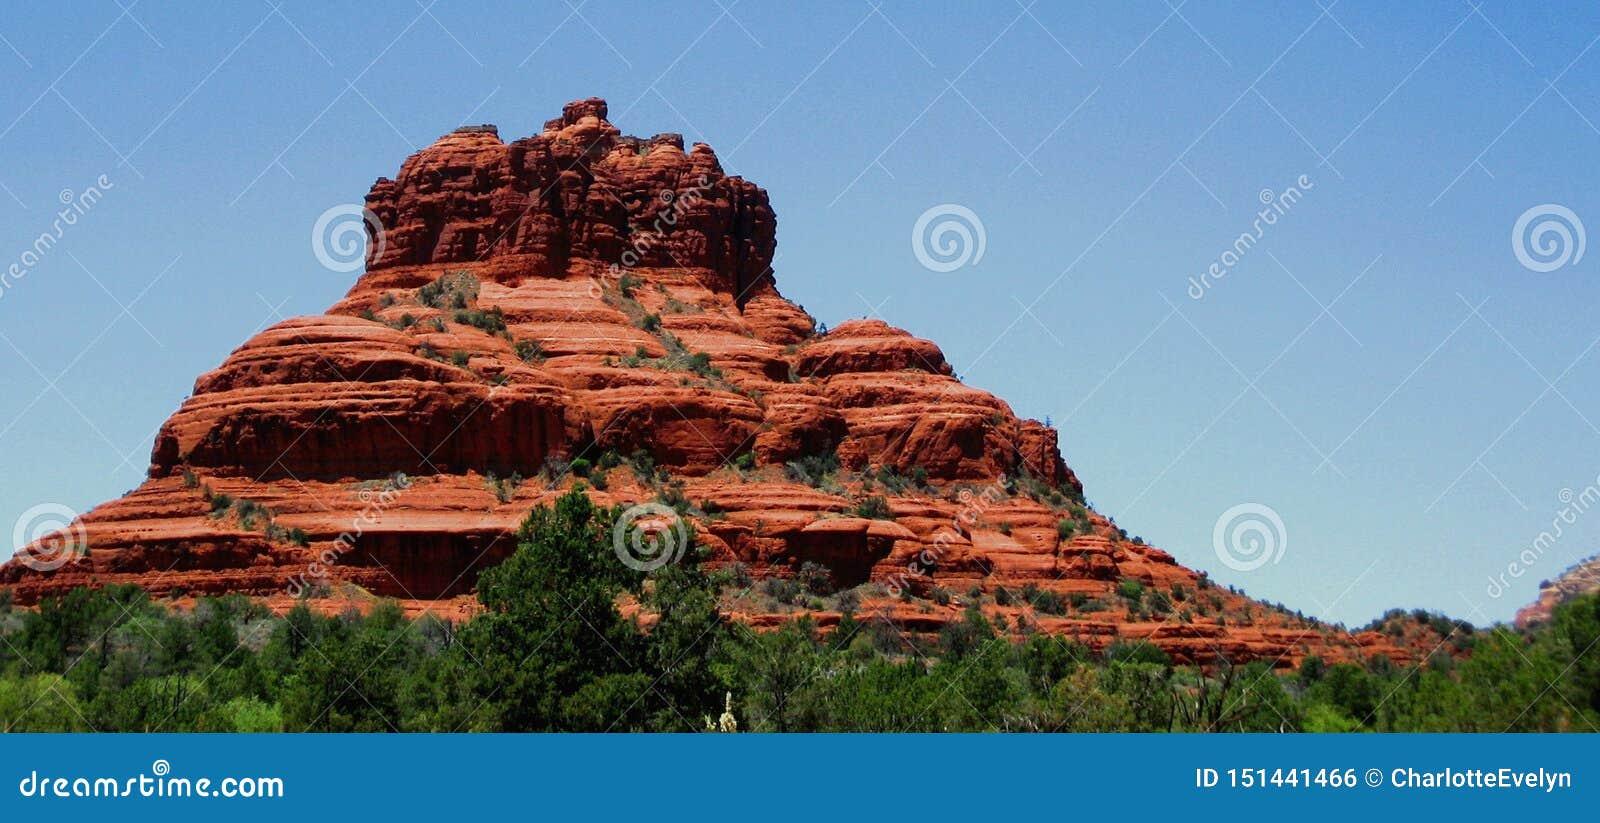 Il paesaggio di formazione rocciosa rossa ha nominato Bell l Rock in Sedona, Arizona